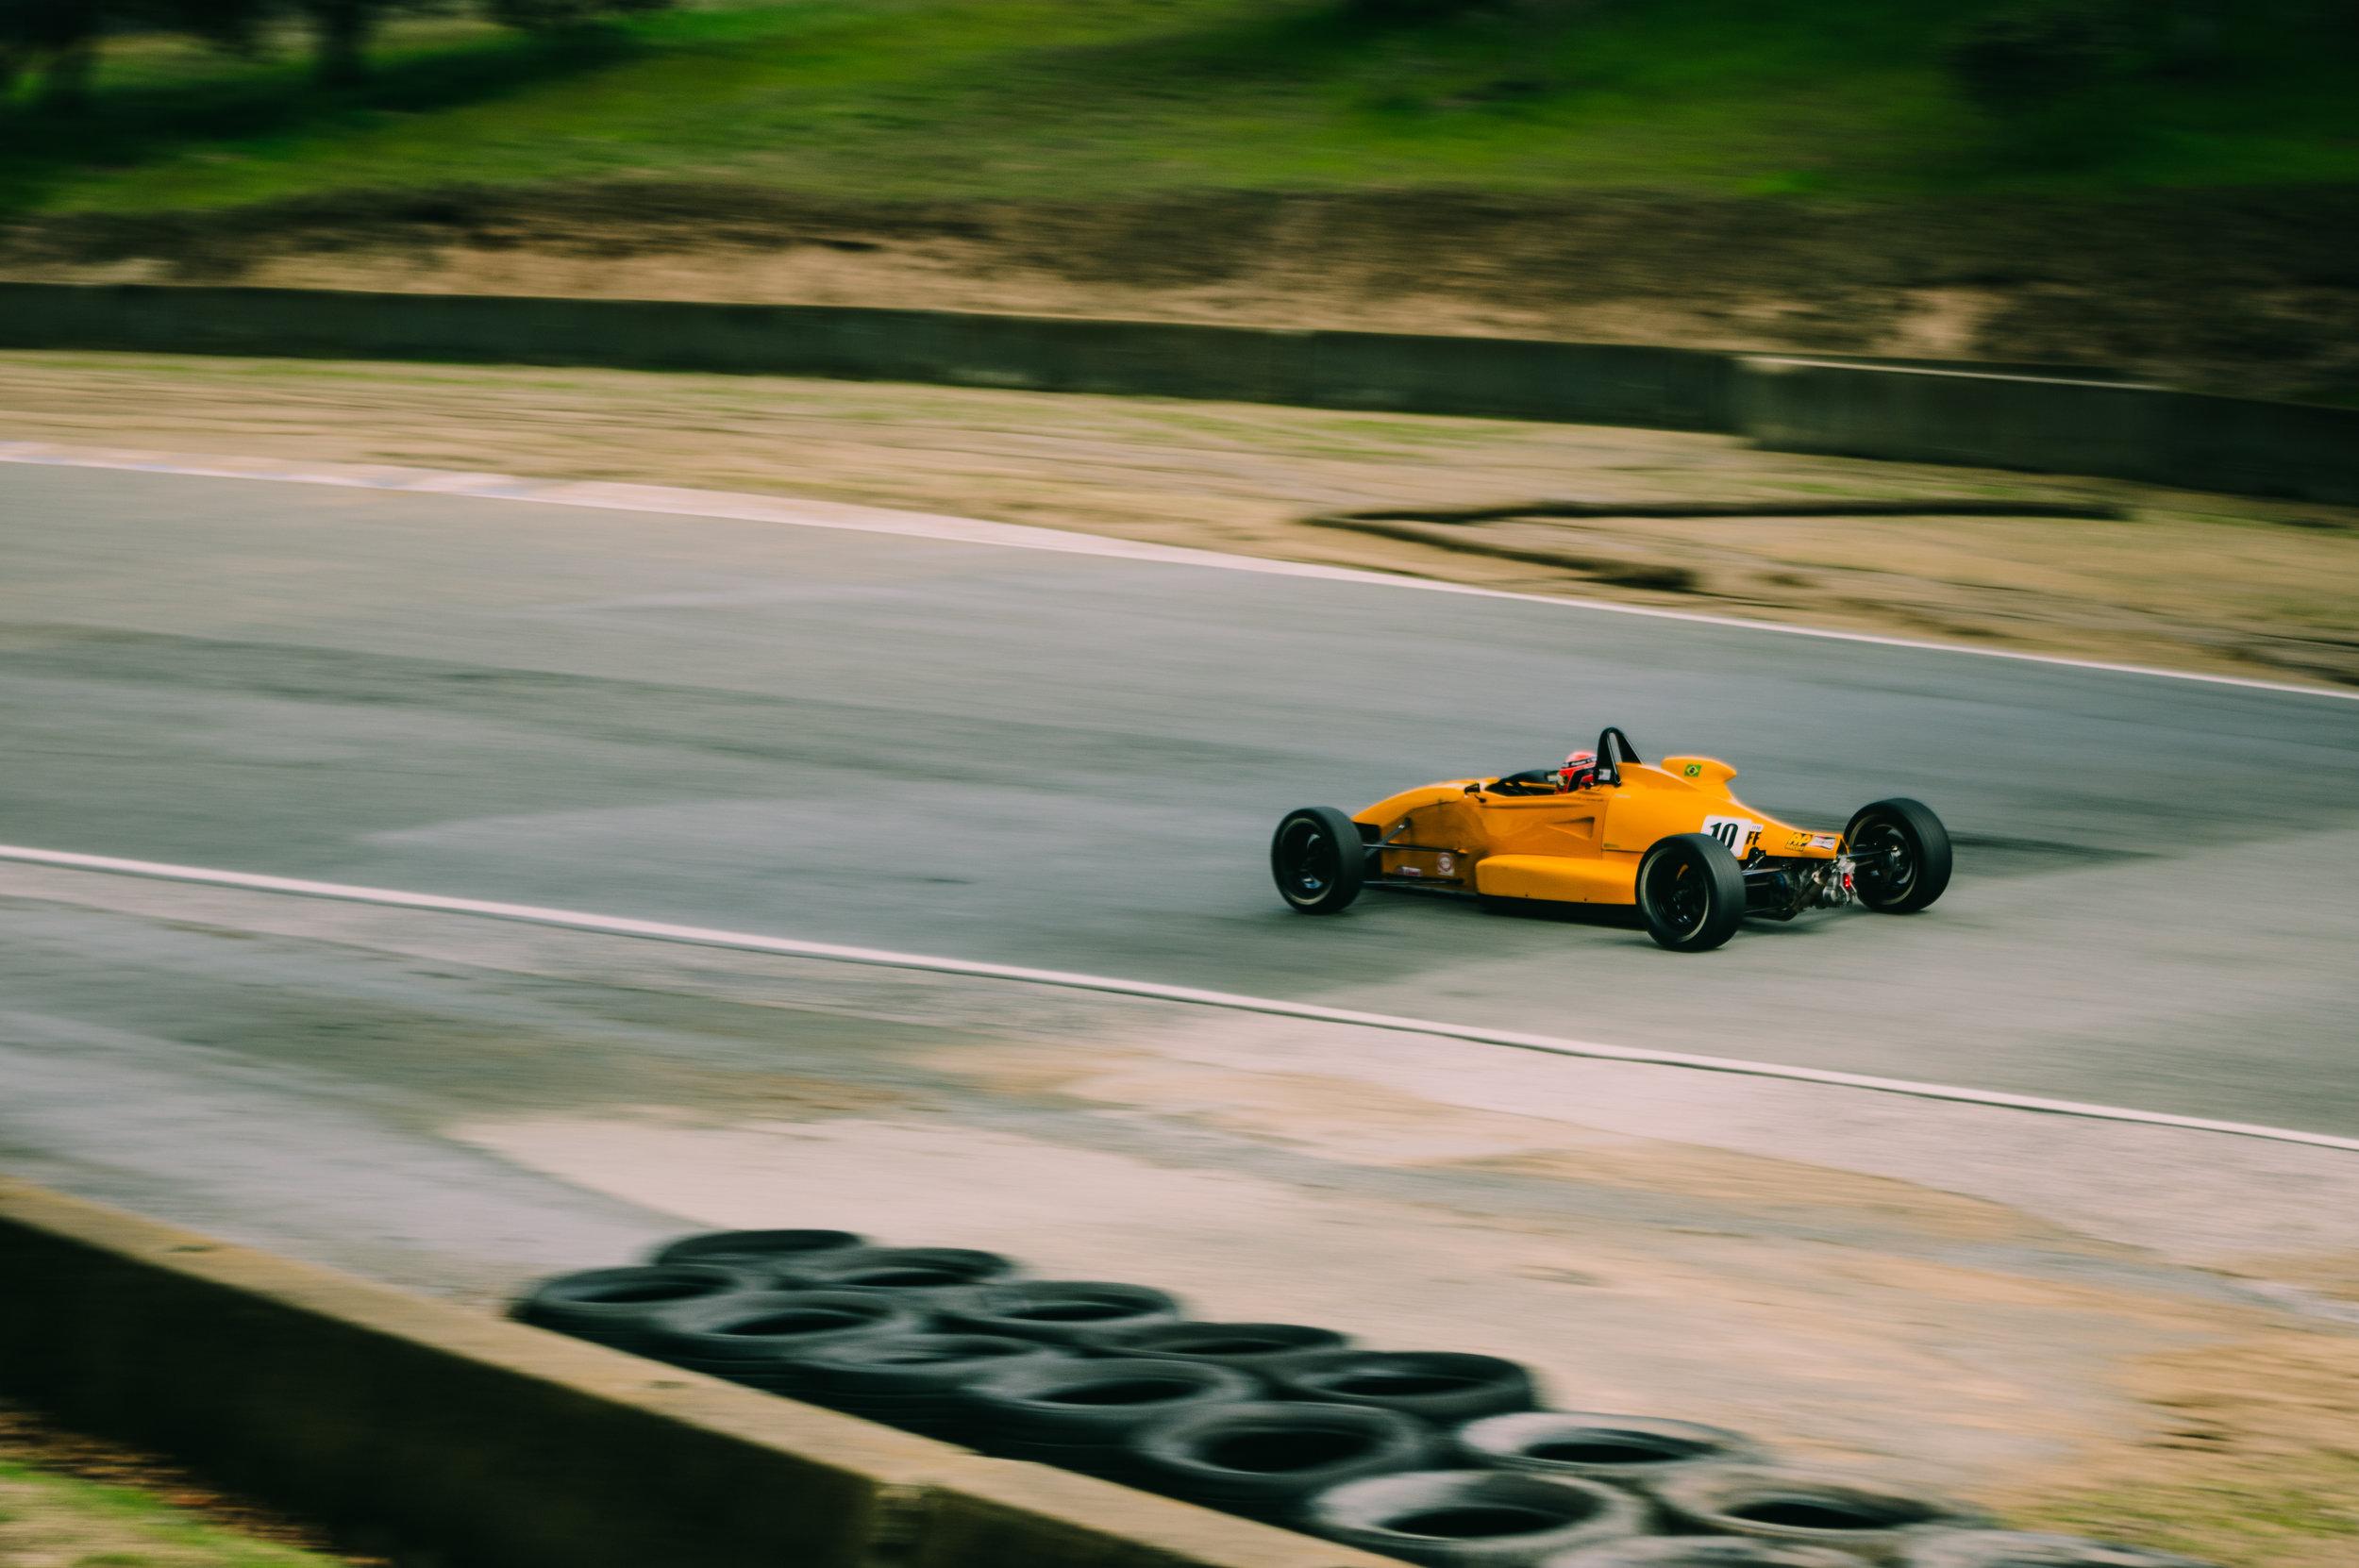 Laguna Seca Formula Ford SCCA Regional